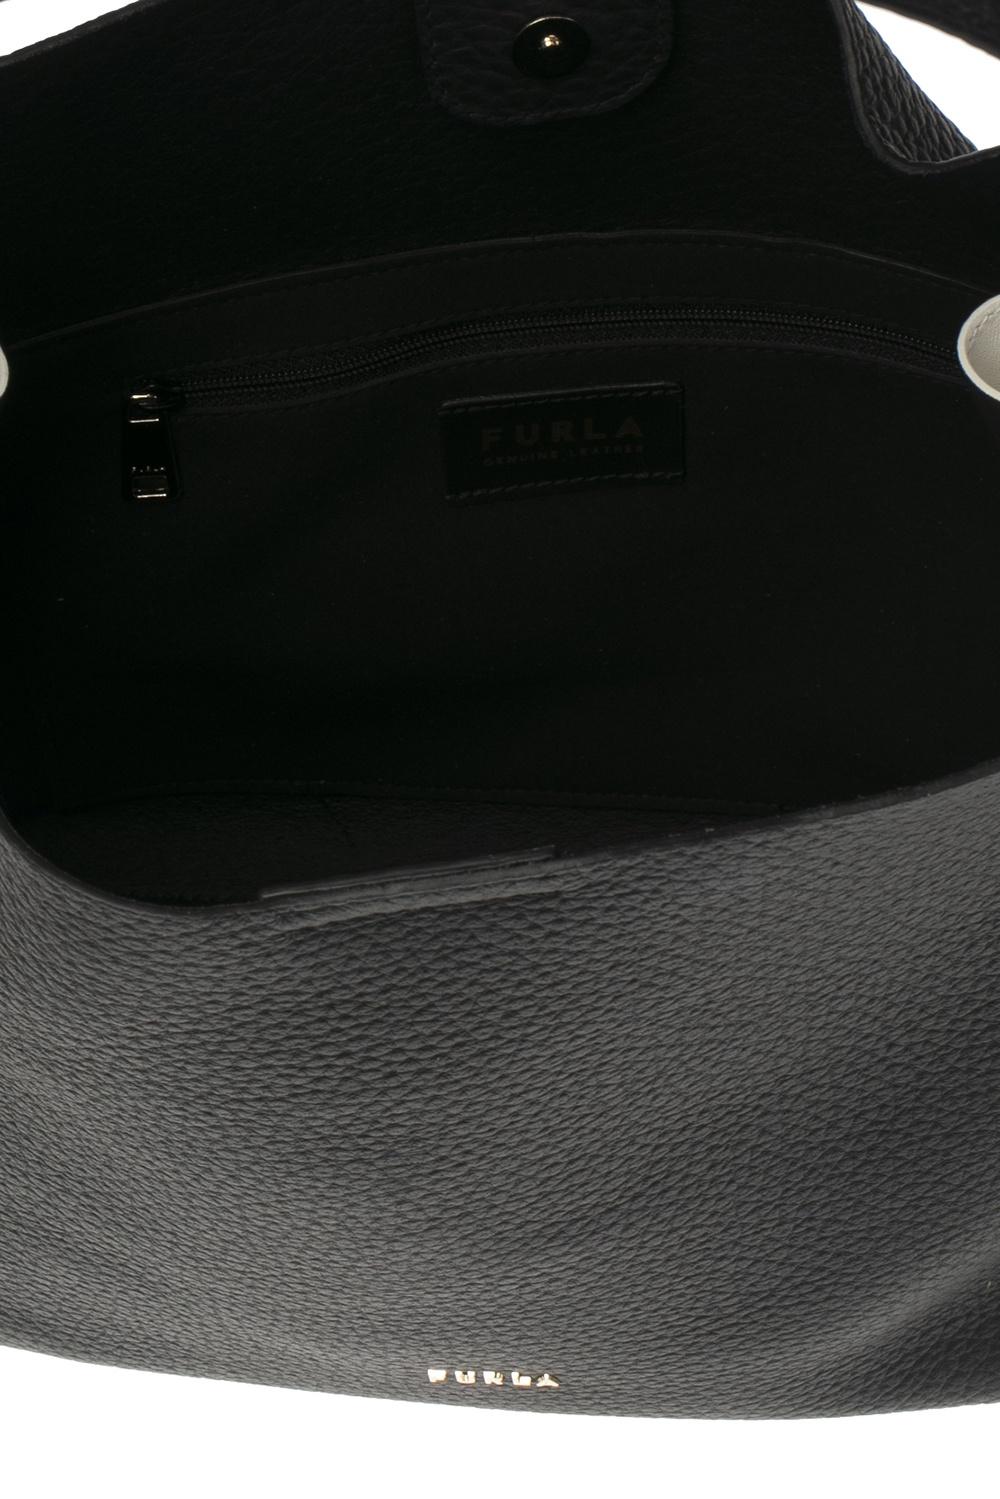 Furla Branded shoulder bag